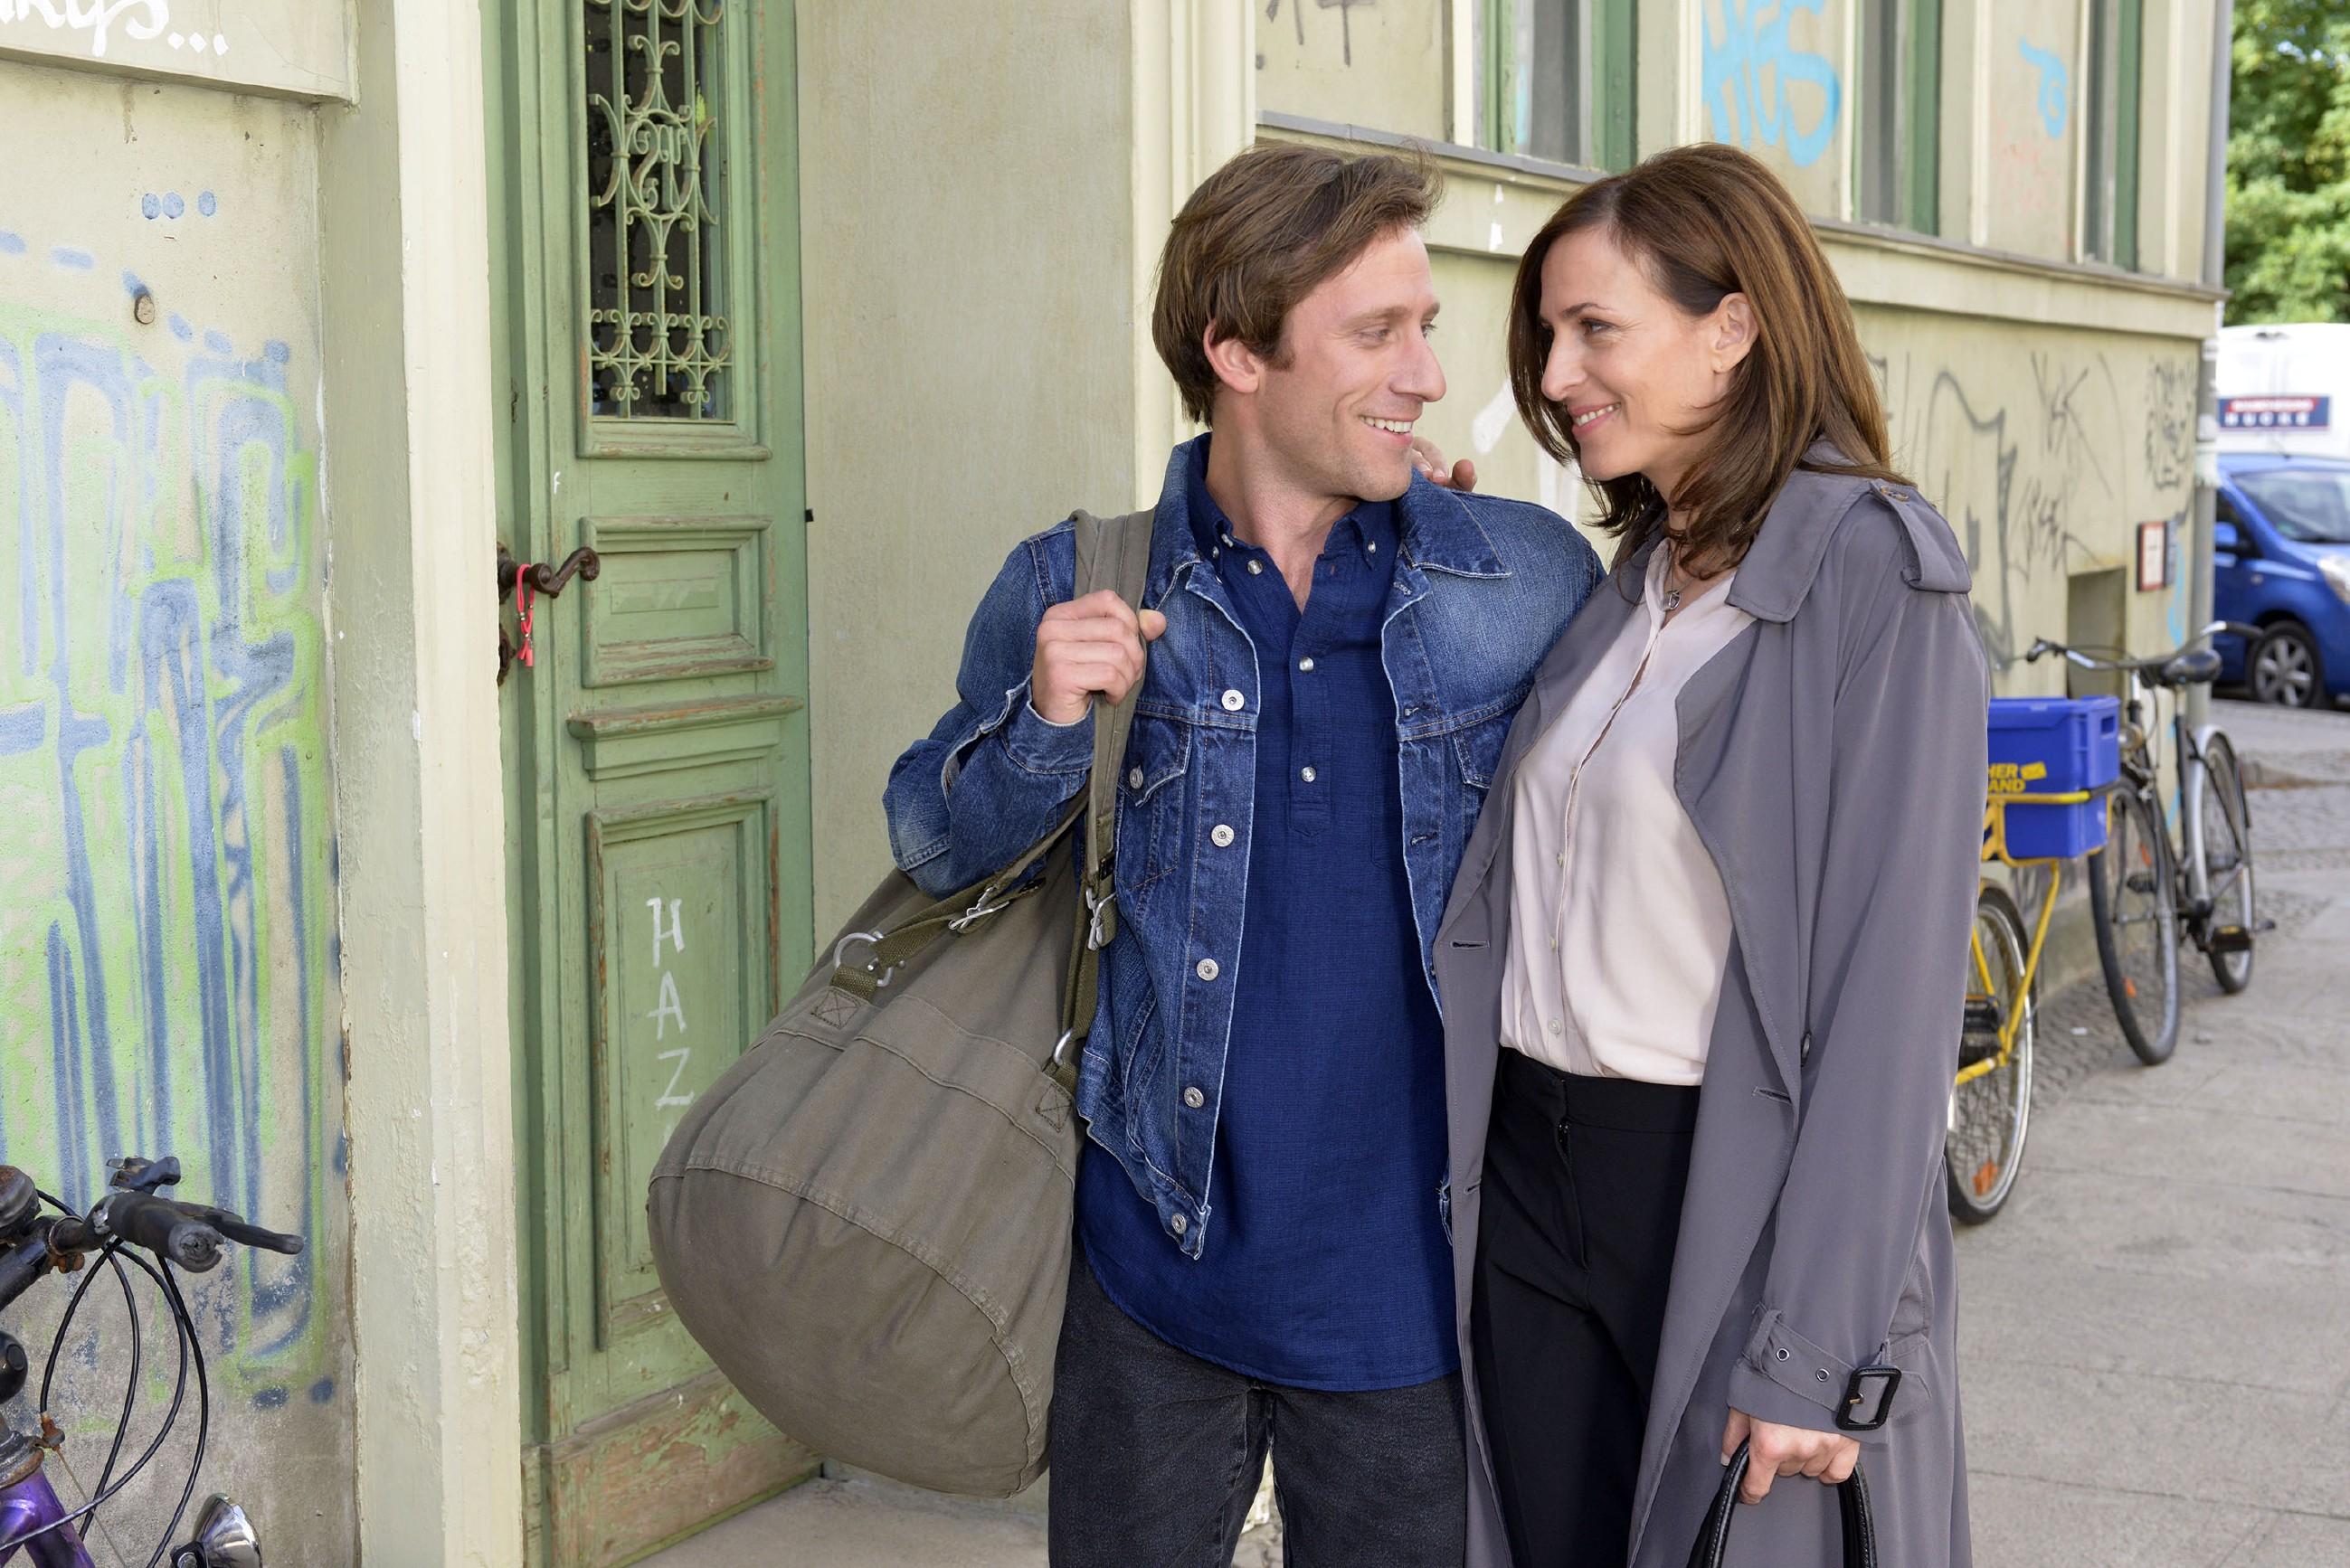 Gerade als Katrin (Ulrike Frank) die Hoffnung auf Bommel (Merlin Leonhardt) längst aufgegeben hat, steht dieser plötzlich wieder vor ihr ... (Quelle: RTL / Rolf Baumgartner)